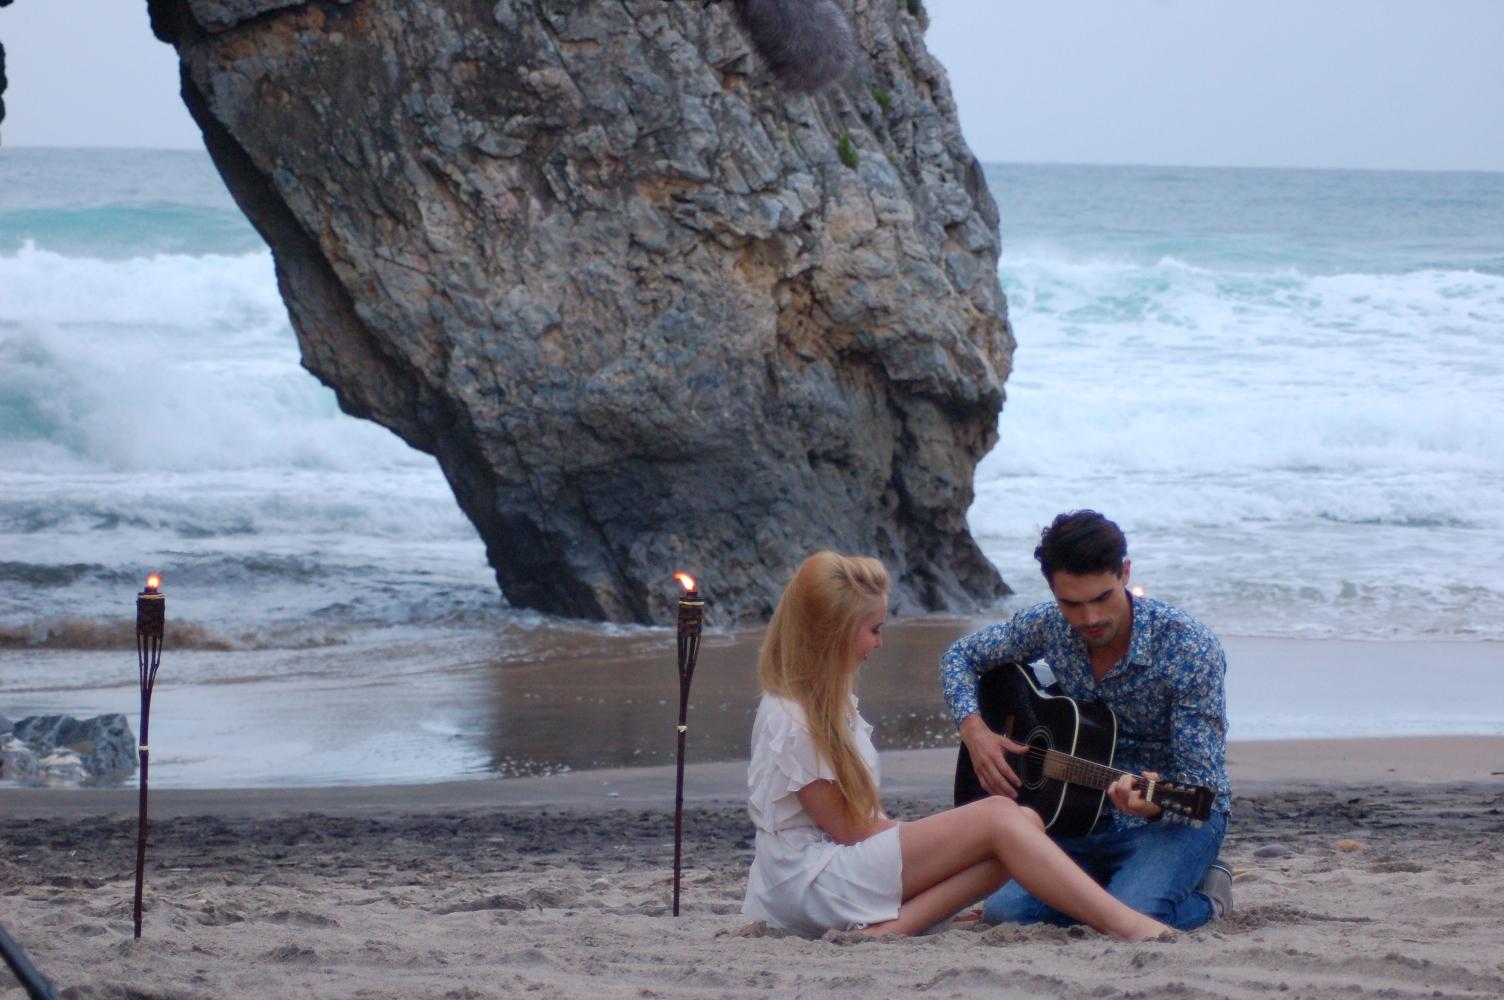 andrei andrei - chitara plaja